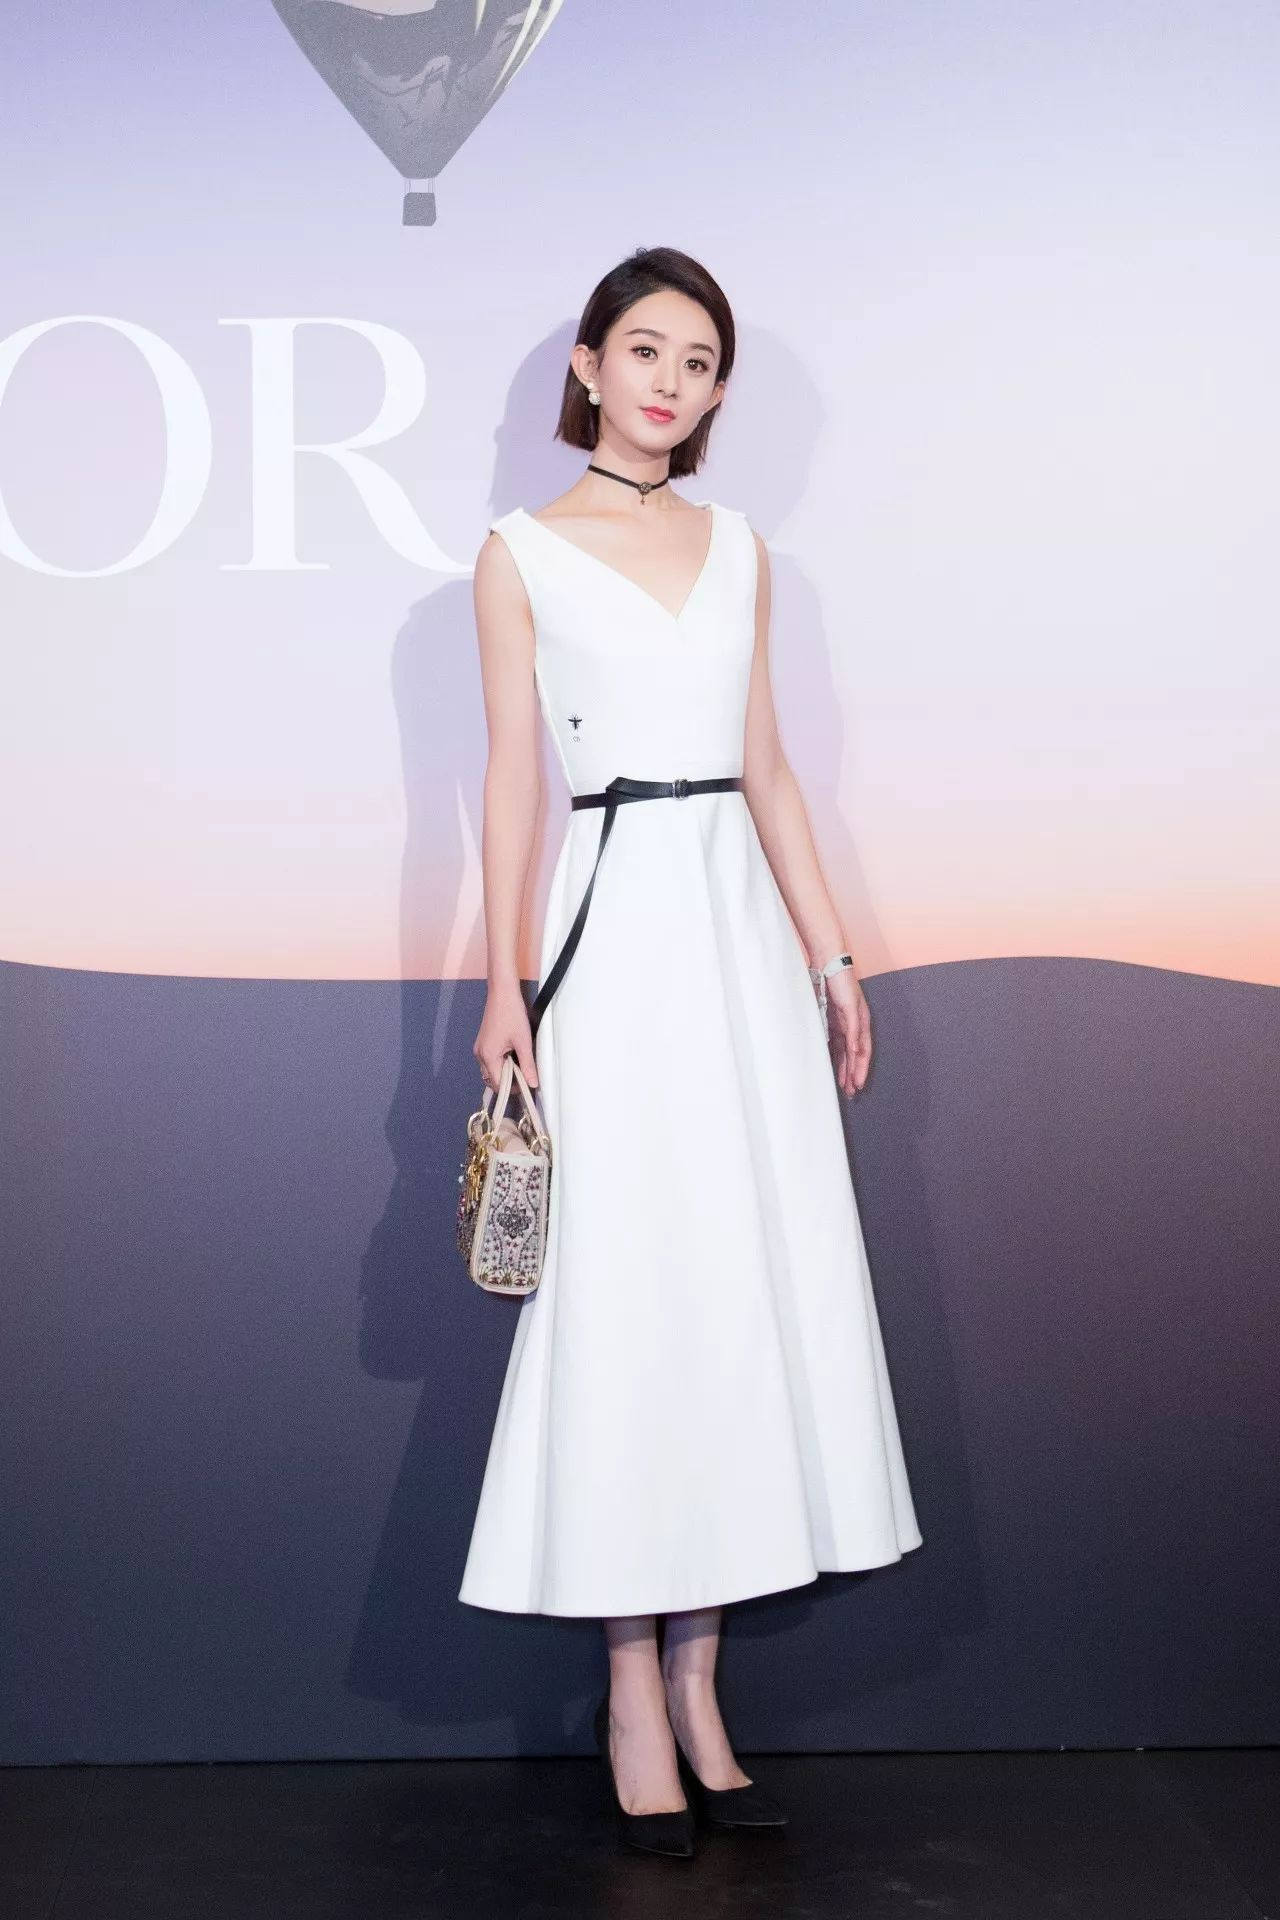 「DIOR SAUVAGE」穿越大洋彼岸降落上海,女星集体亮相迪奥全新旗舰店 | 看全球